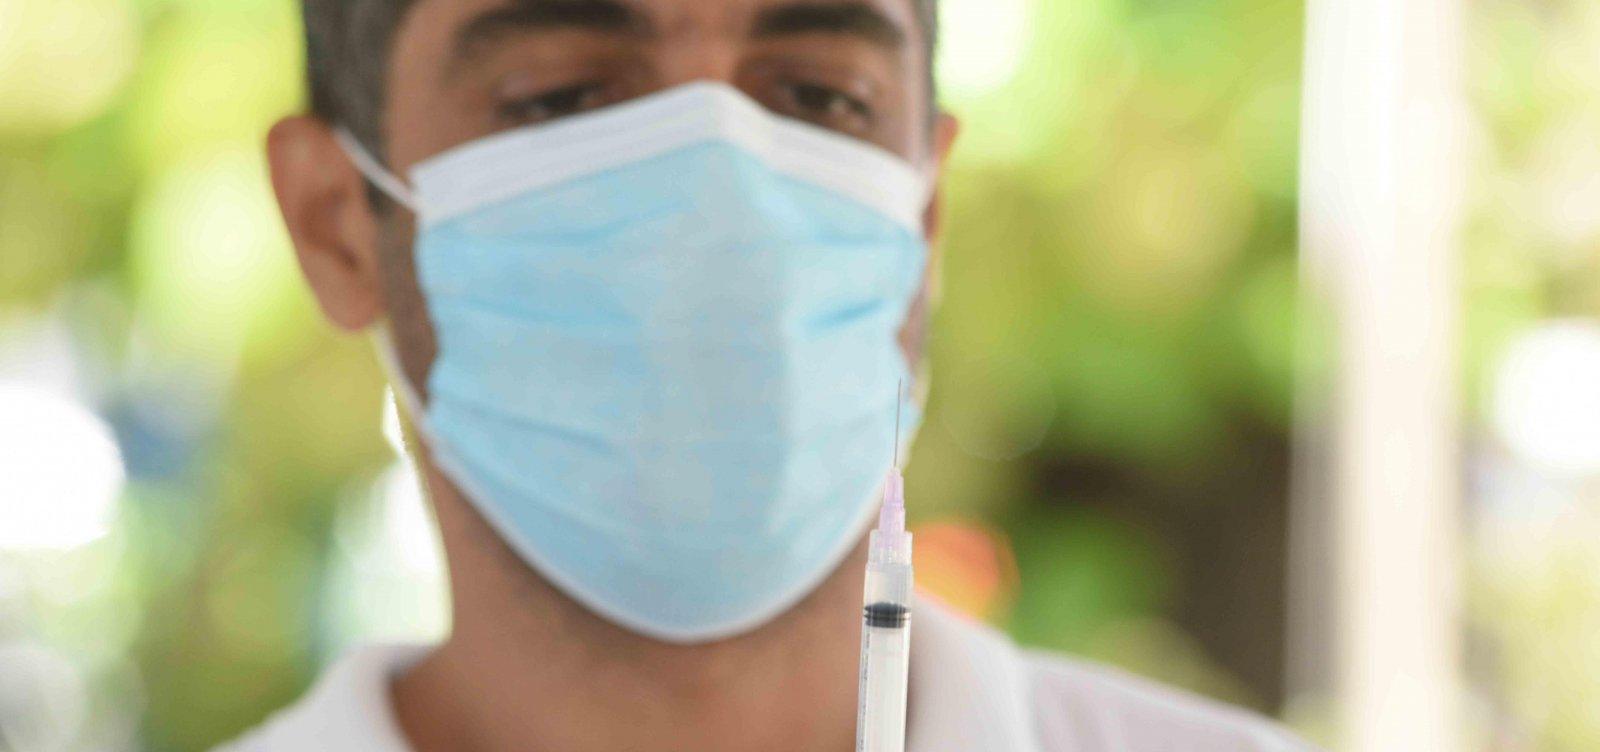 Categorias protestam contra decisão da CIB que exclui grupos prioritários da vacinação